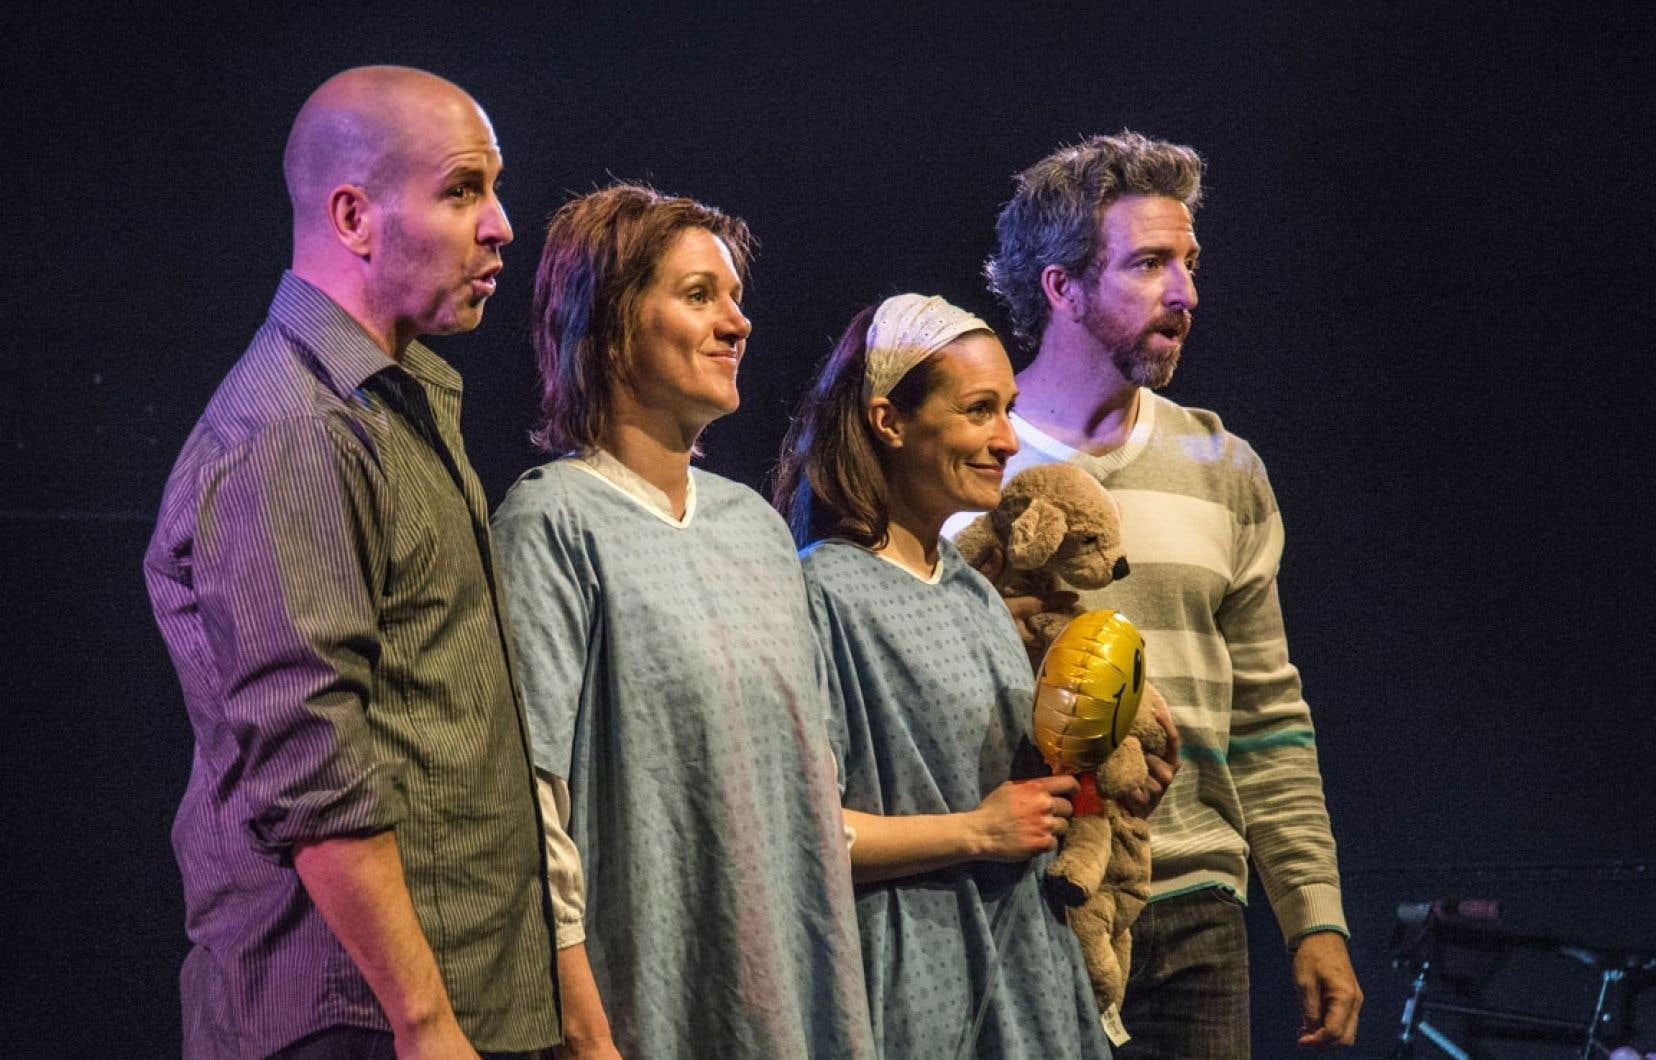 Le Petit Théâtre du Nord peut compter sur un solide quatuor de comédiens fondateurs, soudés par la complicité manifeste de ceux qui jouent depuis longtemps ensemble.